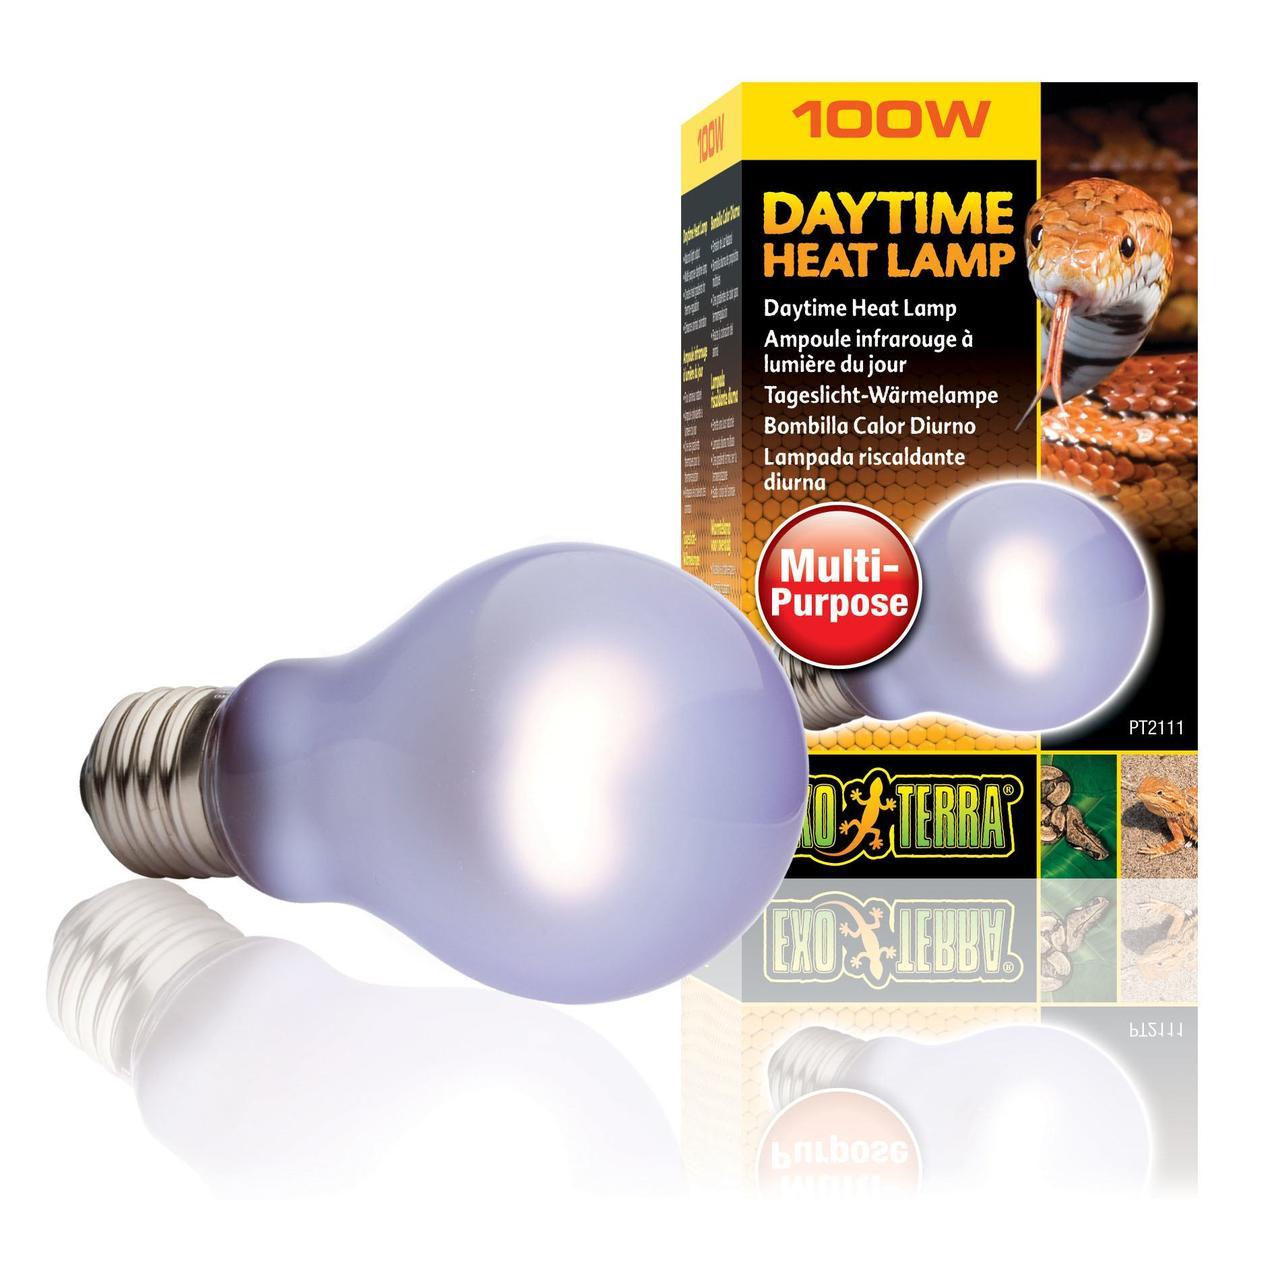 Лампа накаливания с неодимовой колбой Exo Terra Daytime Heat Lamp имитирующий дневной свет 100 W, E27 для